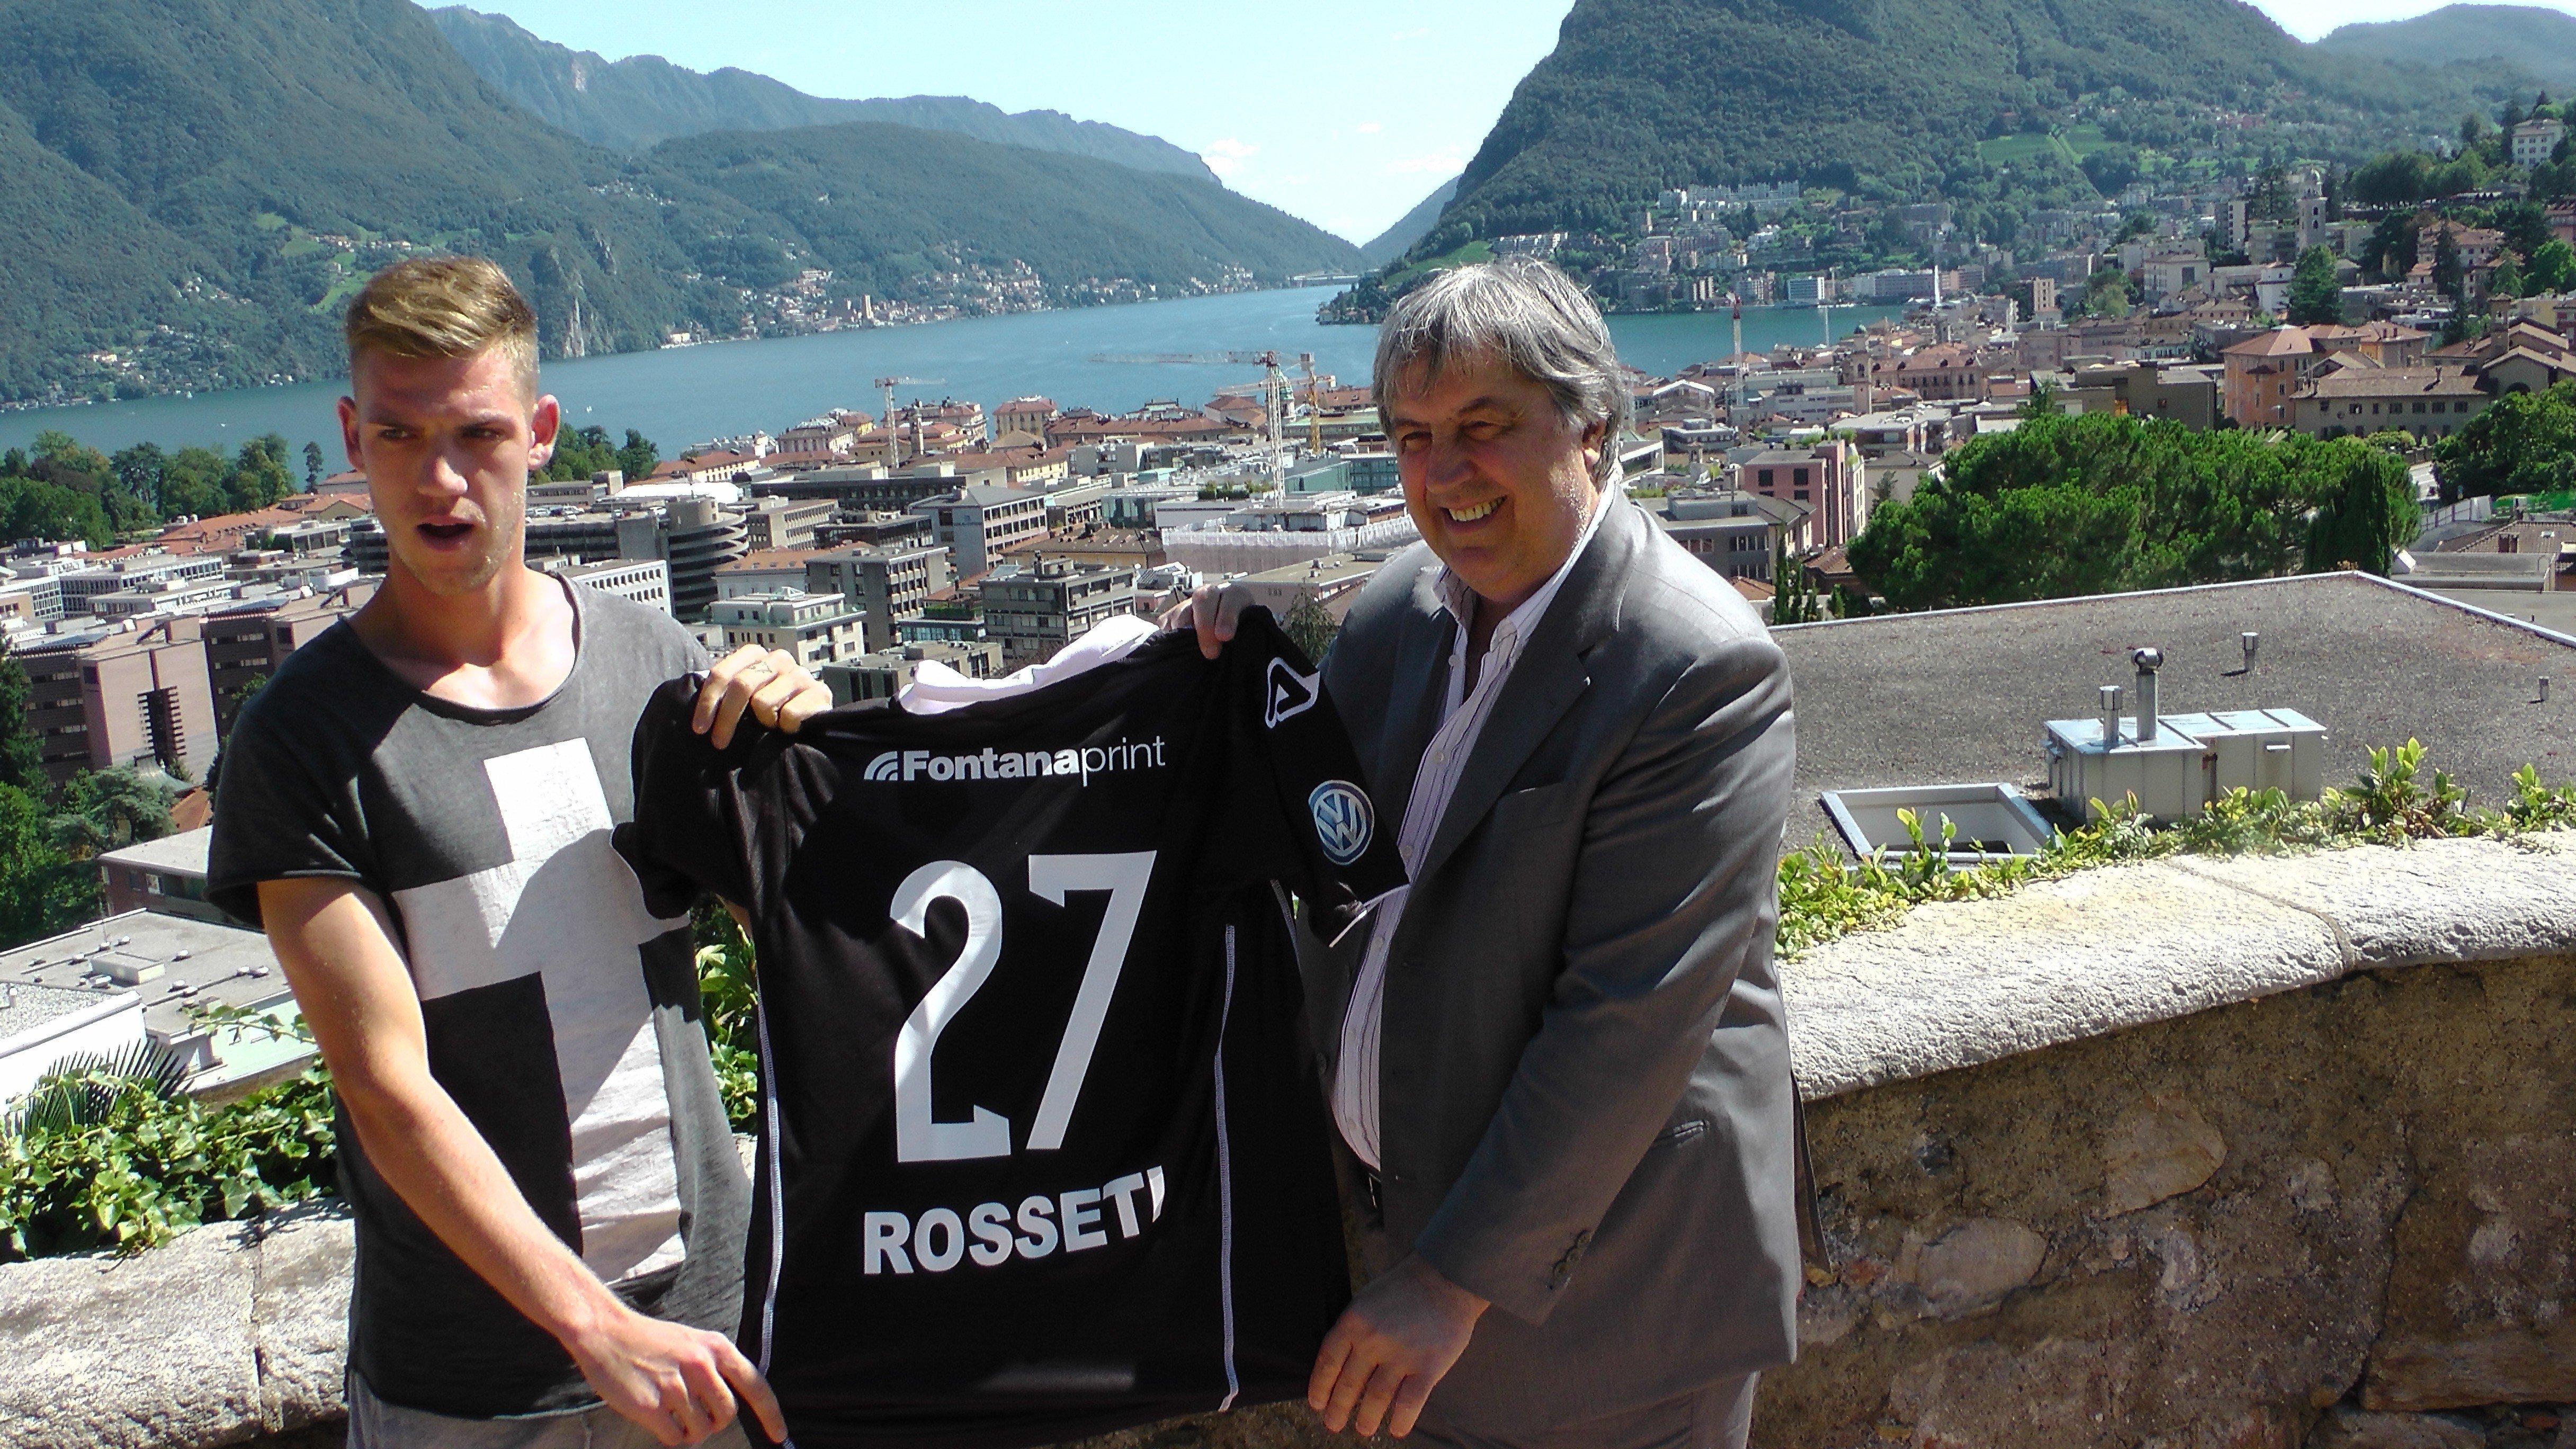 Rosseti è giunto a Lugano